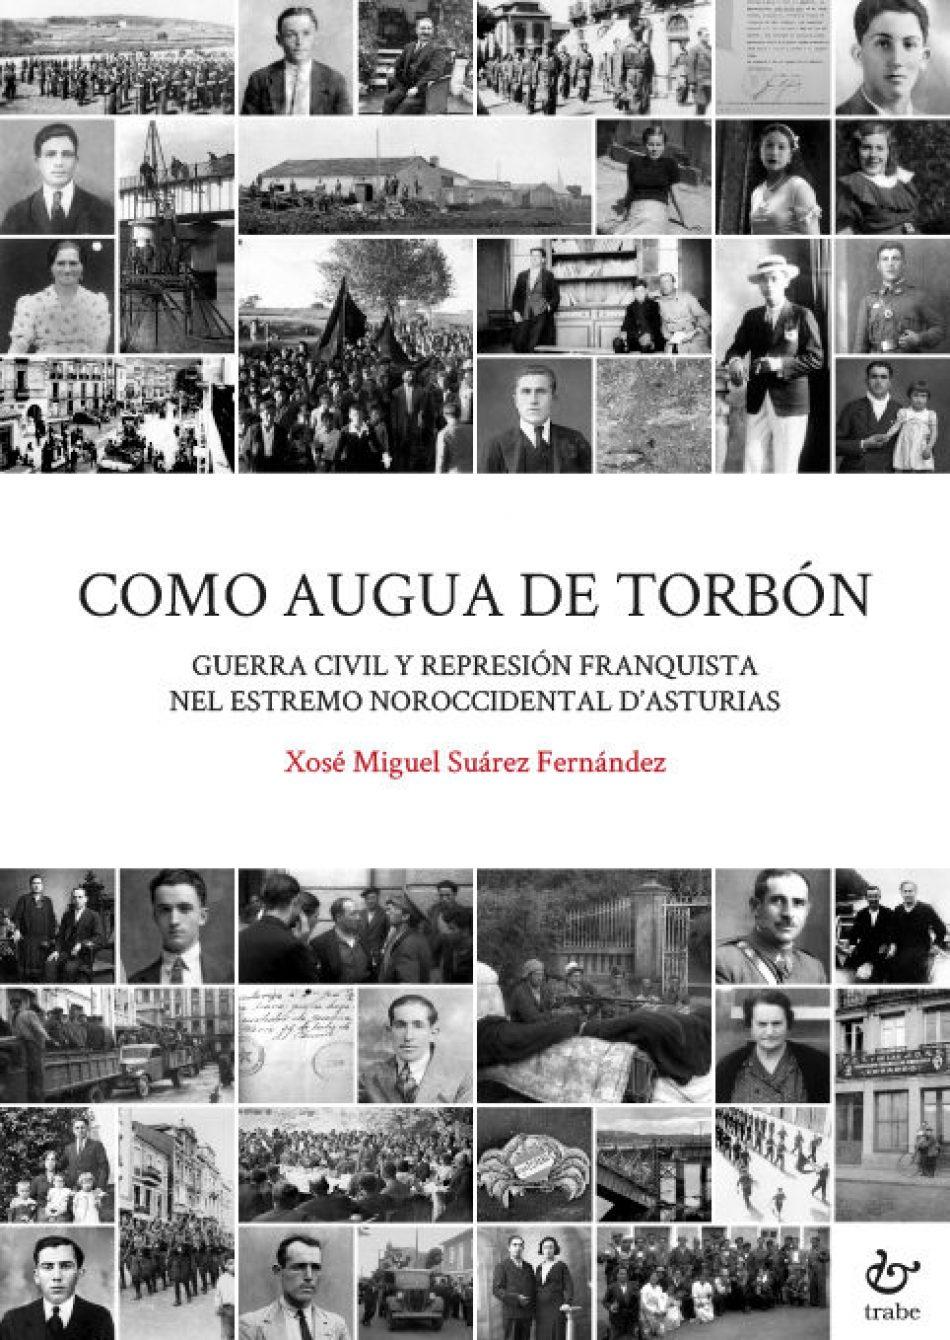 «Como augua de torbón. Guerra civil y represión franquista nel estremo noroccidental d'Asturias»